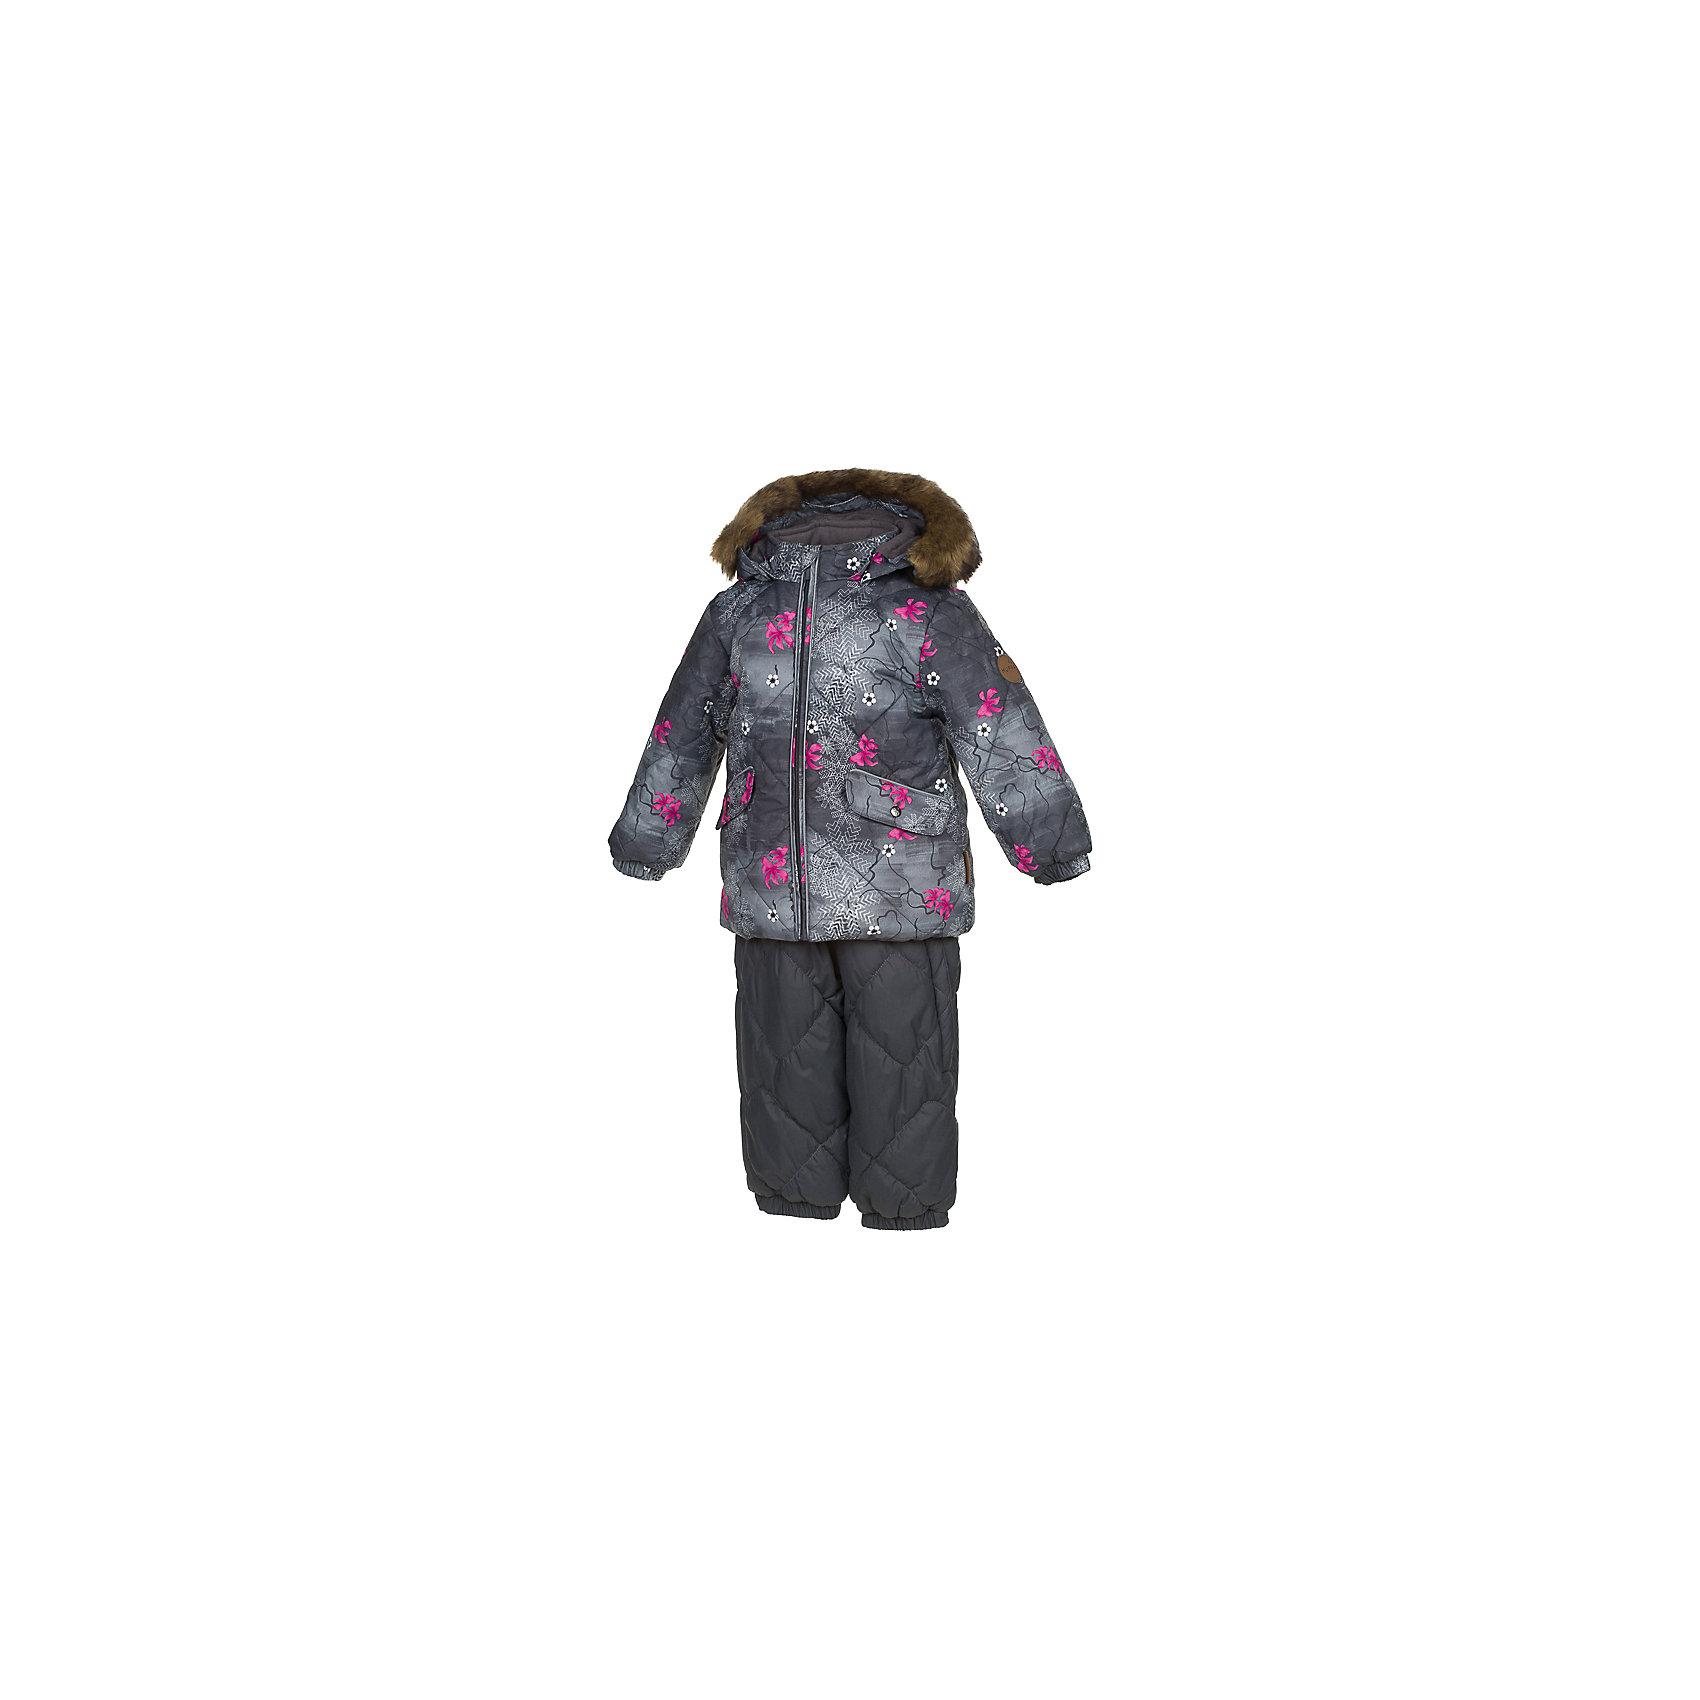 Комплект: куртка и брюки NOELLE 1 HuppaКомплекты<br>Характеристики товара:<br><br>• модель: Noelle 1;<br>• цвет:серый принт/ серый;<br>• пол: девочка ;<br>• состав: 100% полиэстер;<br>• утеплитель: полиэстер: куртка 300 гр, полукомбинезон 160 гр;<br>• подкладка: куртка: полиэстер - тафта / полукомбинезон: 100% хлопок - фланель;<br>• сезон: зима;<br>• температурный режим: от -5 до - 30С;<br>• водонепроницаемость: 5000 мм  ;<br>• воздухопроницаемость: 5000 г/м2/24ч;<br>• водо- и ветронепроницаемый, дышащий и грязеотталкивающий материал;<br>• особенности модели: c рисунком; с мехом;<br>• безопасный капюшон крепится на кнопки и, при необходимости, отстегивается;<br>• искусственный мех на капюшоне съемный ;<br>• защита подбородка от защемления;<br>• светоотражающих элементов для безопасности ребенка ;<br>• карманы на кнопках;<br>• дополнительный кармашек на грудке у брюк;<br>• манжеты рукавов на резинке; <br>• манжеты брюк на резинках;<br>• эластичные подтяжки регулируются по длине;<br>• съемные силиконовые штрипки;<br>• внутренняя регулировка обхвата талии;<br>• страна бренда: Финляндия;<br>• страна изготовитель: Эстония.<br><br>Зимний комплект Noelle 1 для девочки бренда HUPPA влагонепроницаемый и дышащий. Куртка с утеплителем 300 гр и полукомбинезон  с утеплителем 160 гр подойдут на температуру от -5 до -30 градусов. Подкладка —куртка: полиэстер - тафта / полукомбинезон : 100% хлопок - фланель.<br><br>Функциональные элементы: Куртка: капюшон отстегивается с помощью кнопок, мех отстегивается, защита подбородка от защемления, мягкая меховая подкладка, карманы на кнопках, манжеты на резинке, светоотражающие элементы. Брюки: регулируемые лямки, удлиненная косая молния, карман без застежек, подол штанин на резинке, съемные силиконовые штрипки, светоотражающие элементы. <br><br>Зимний комплект Noelle 1 для девочки бренда HUPPA  можно купить в нашем интернет-магазине.<br><br>Ширина мм: 356<br>Глубина мм: 10<br>Высота мм: 245<br>Вес г: 519<br>Цвет: серый<br>Возраст от месяцев